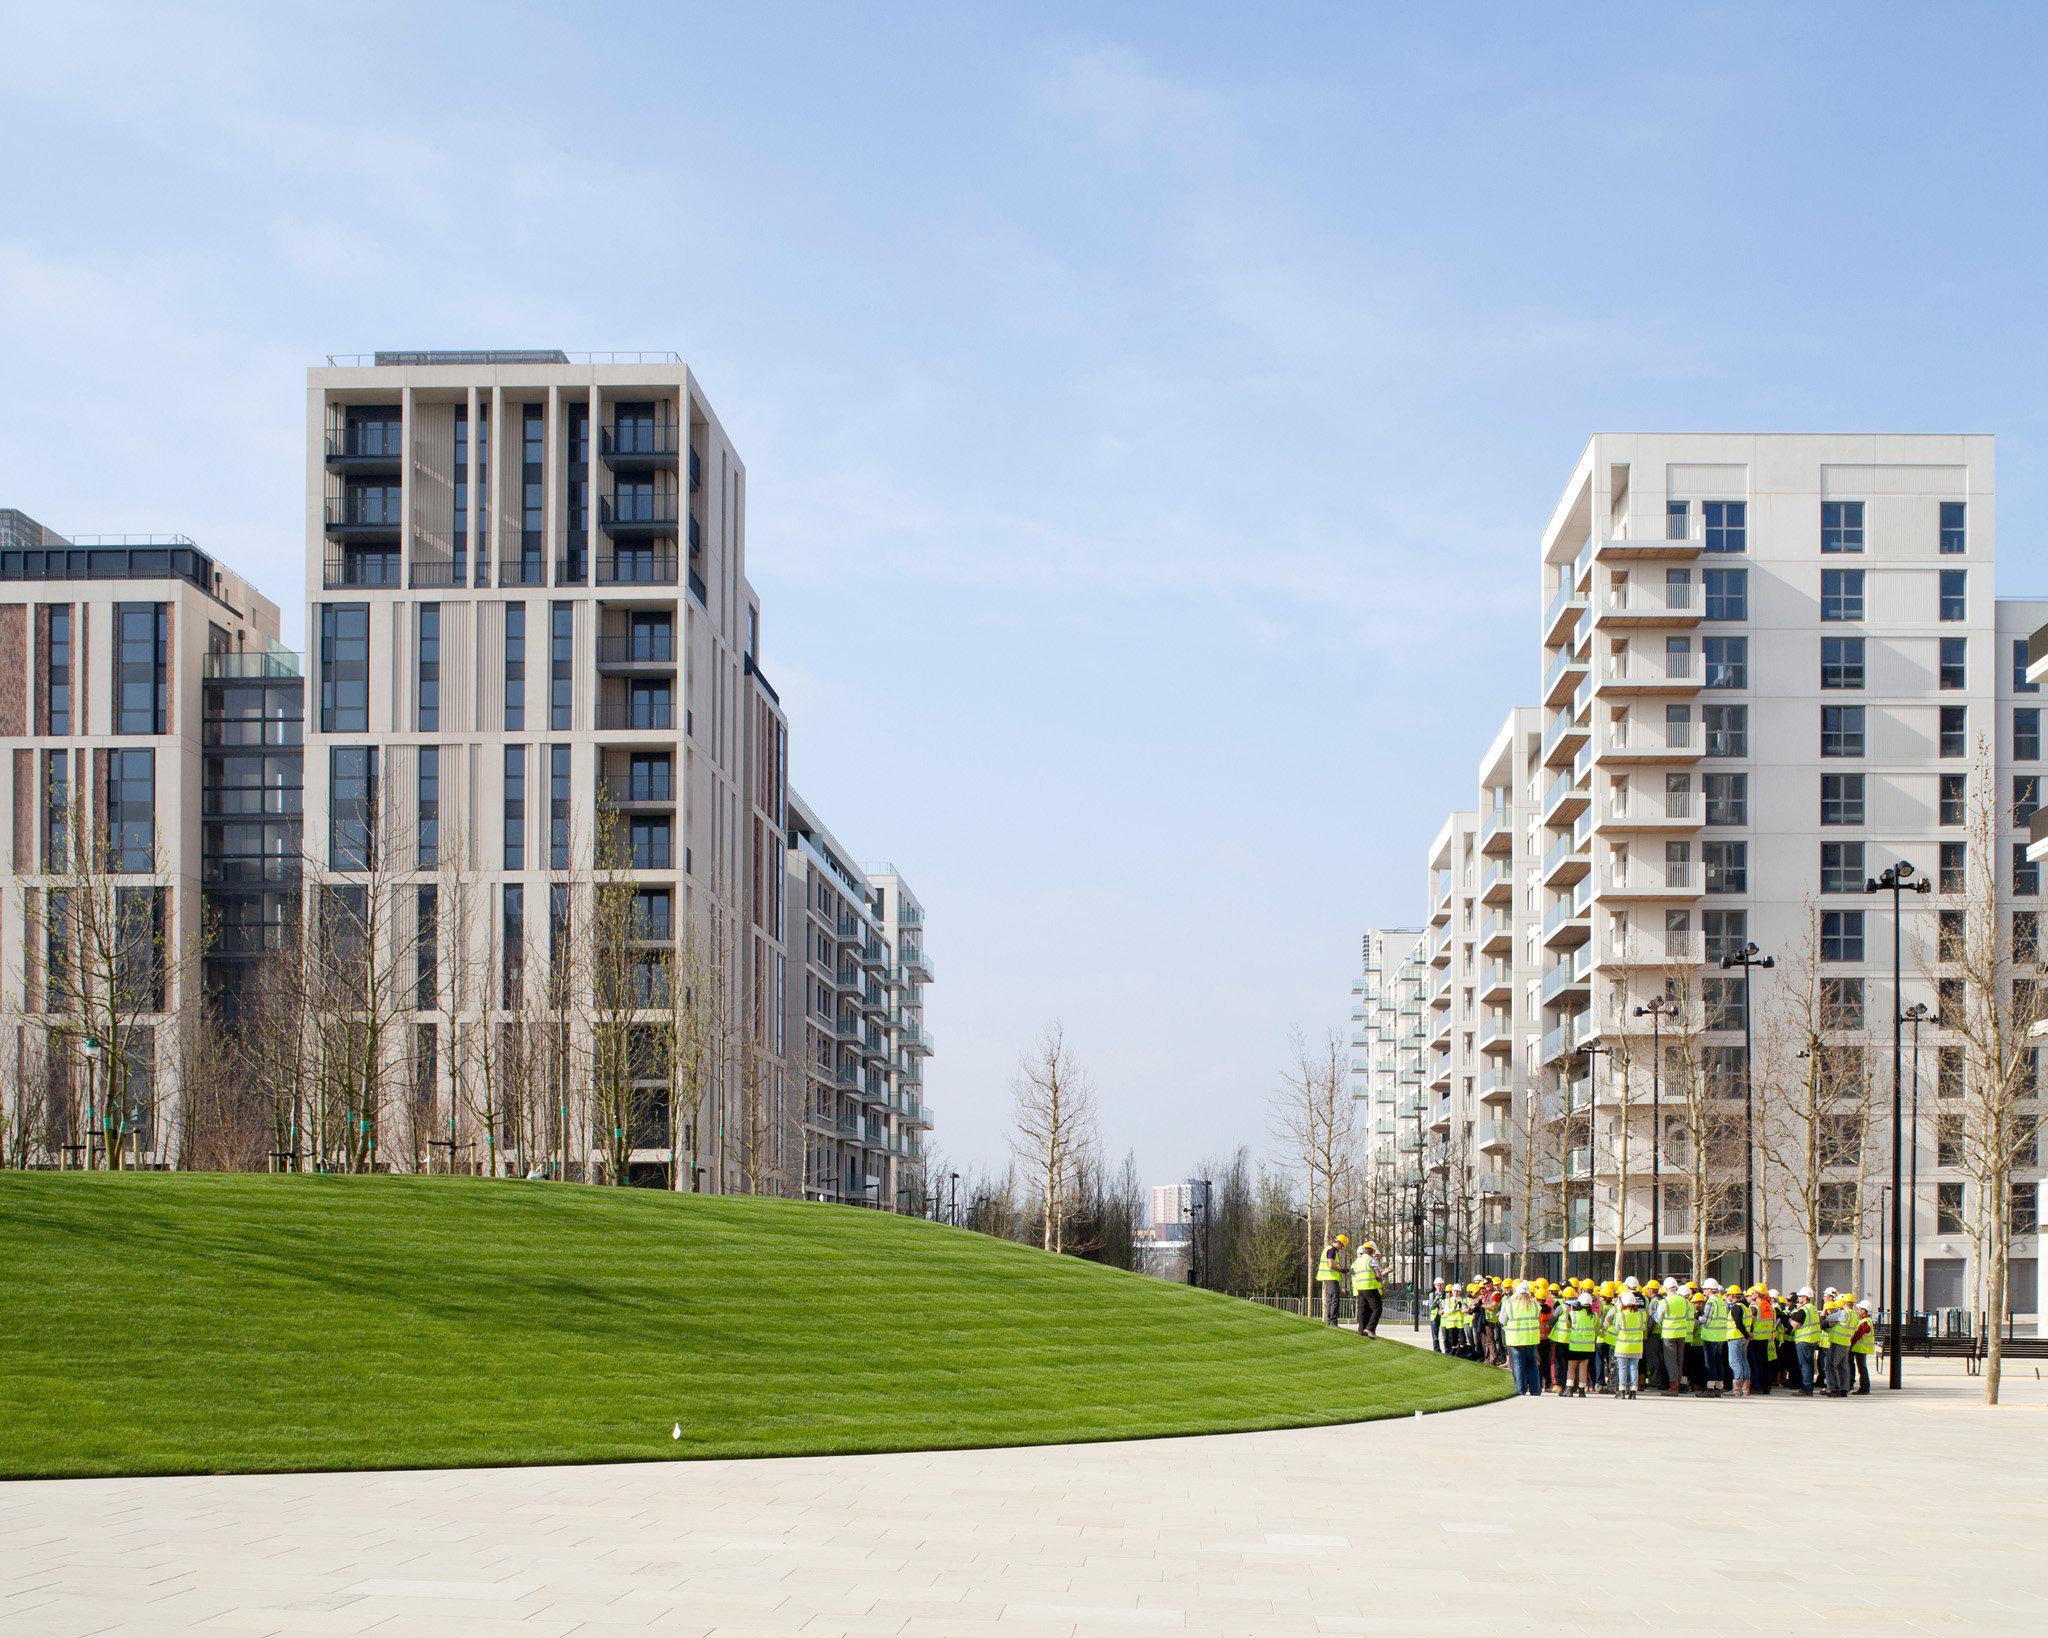 Athlete's Village, Olympic Park, Stratford